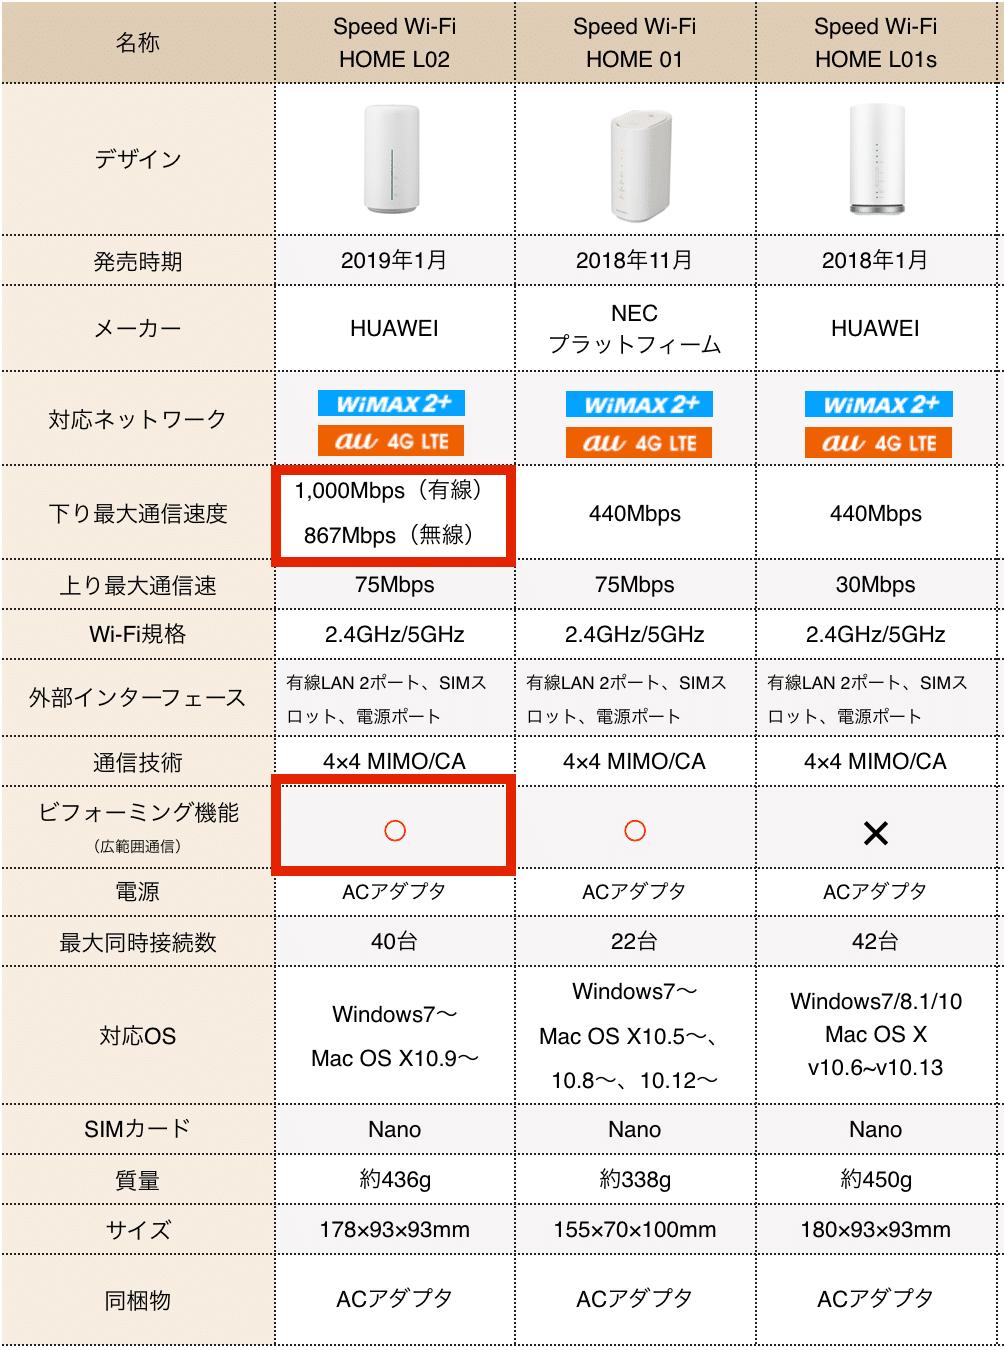 【最新ホームルーター比較】L02・01・L01s